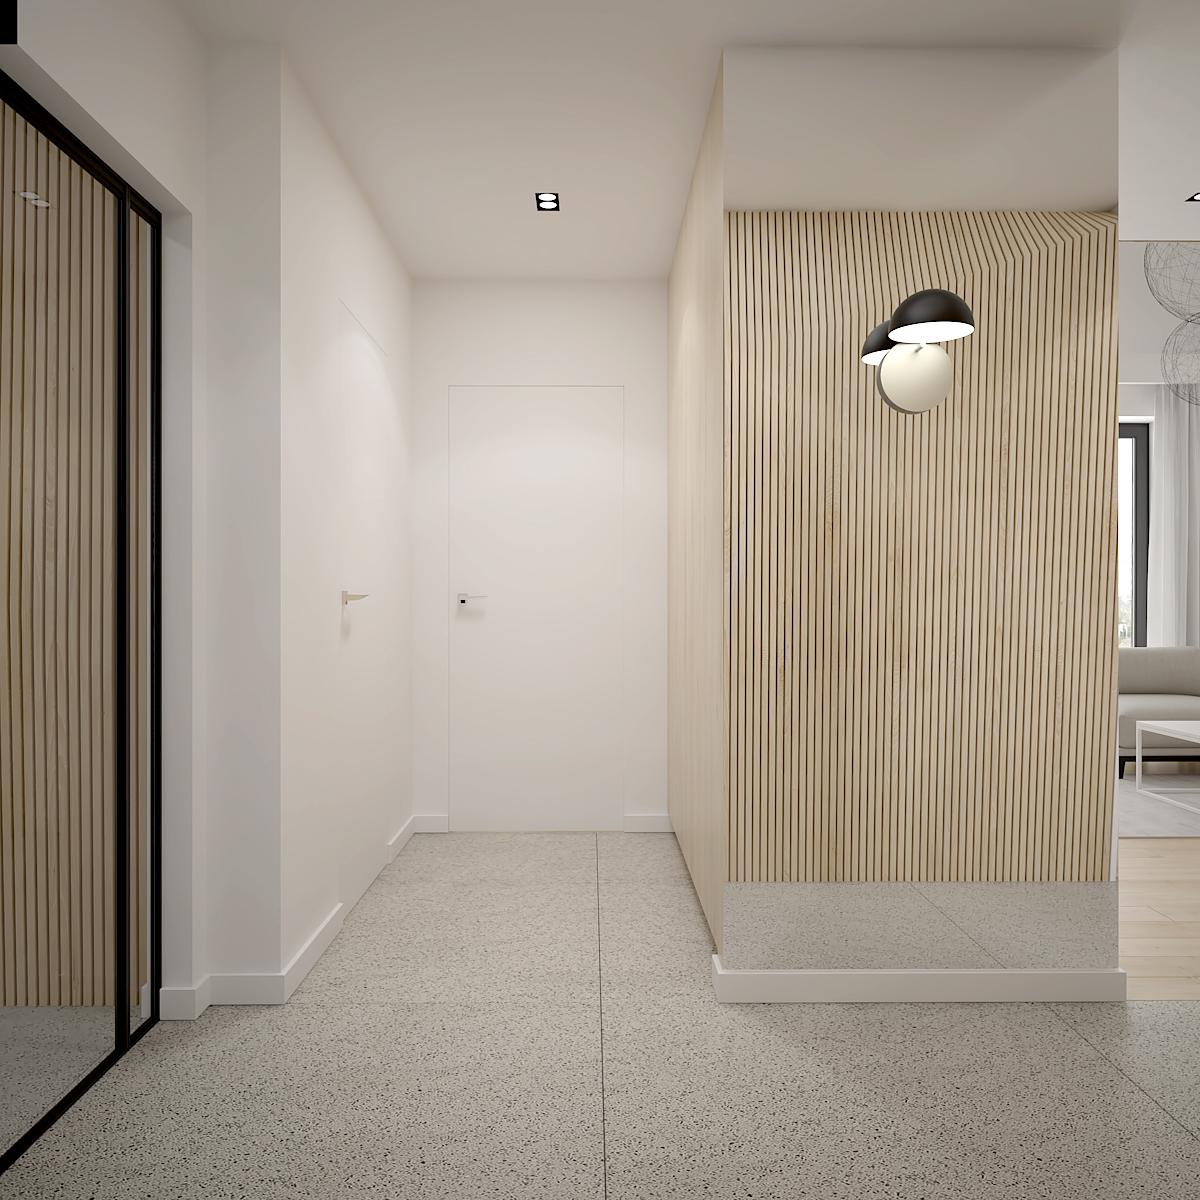 11 projekt wnetrza D552 dom krakow duzy korytarz z ukrytymi drzwimi